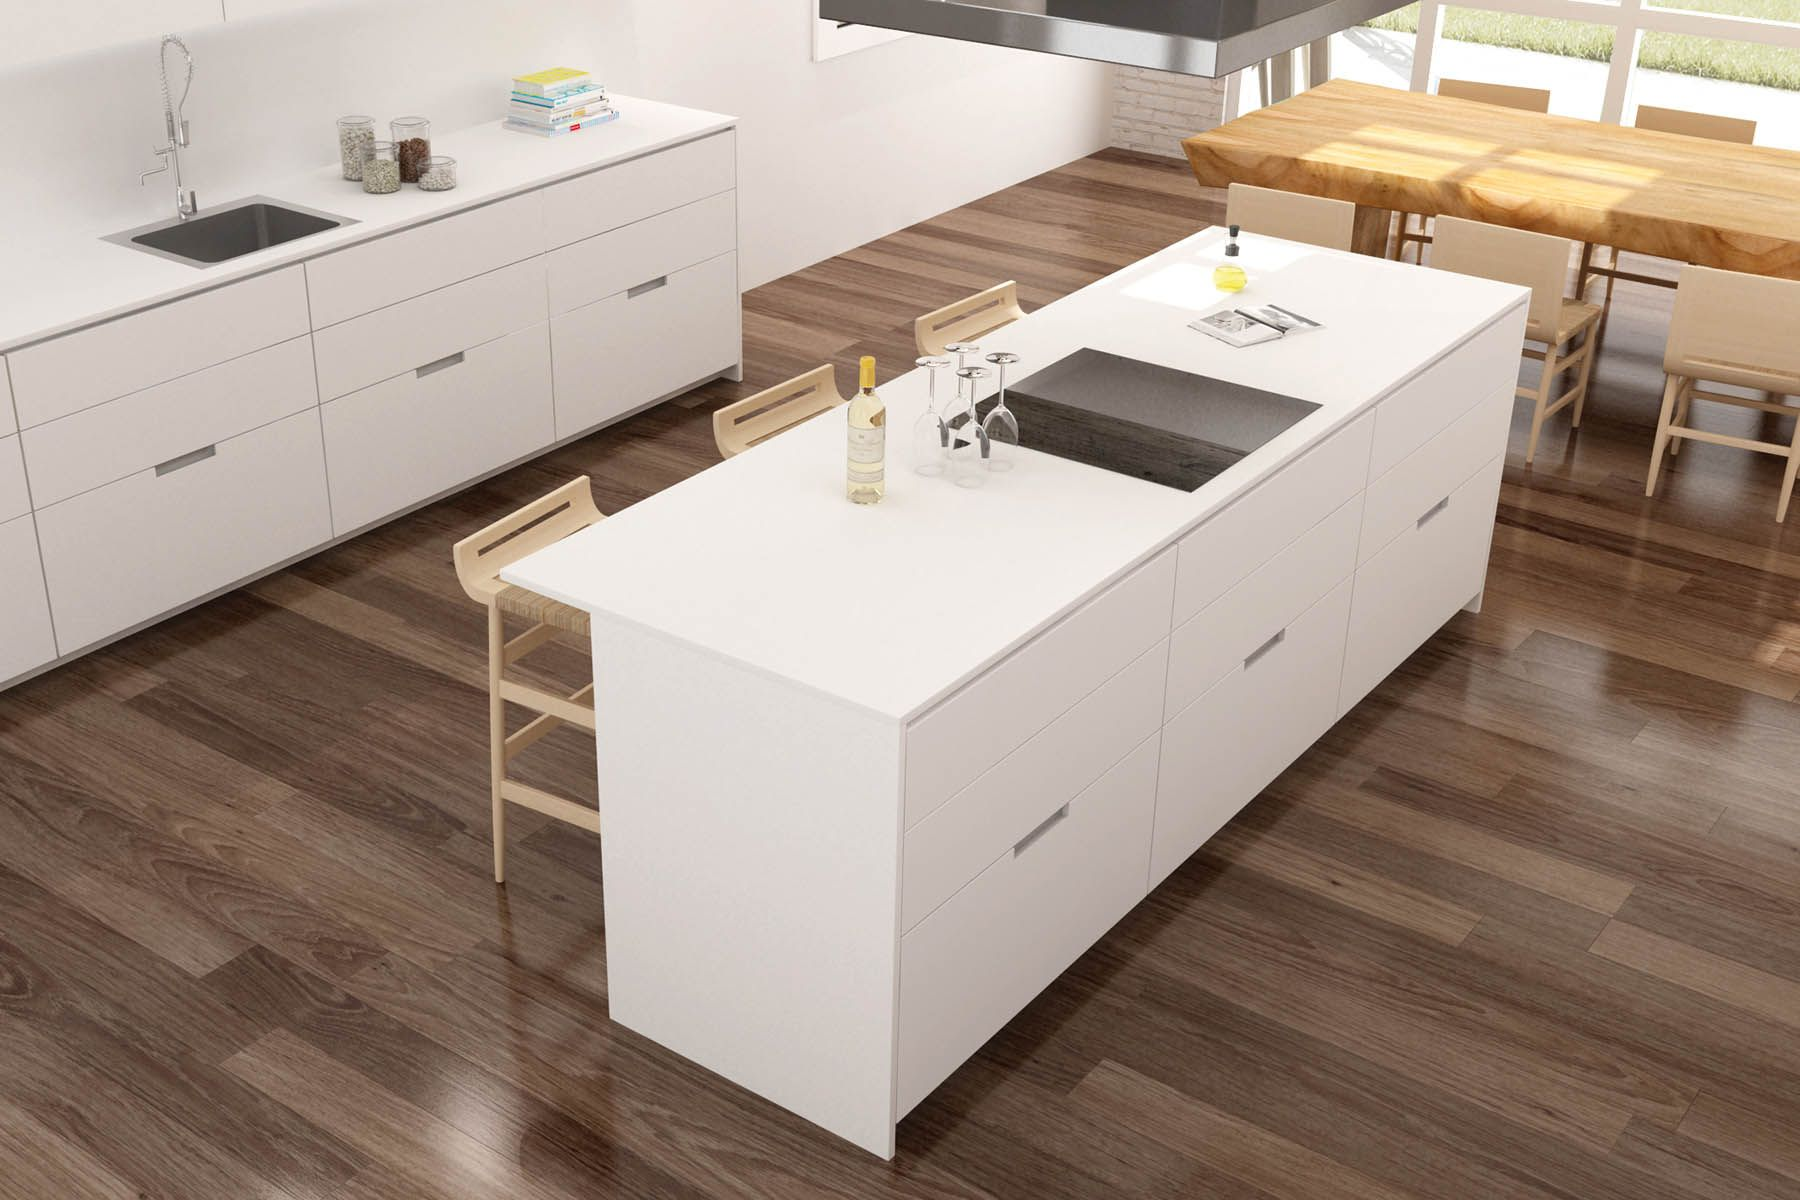 Muebles De Cocina Para Todo Tipo De Cocinas Cocinas De Dise O  # Muebles Favorita Urgell